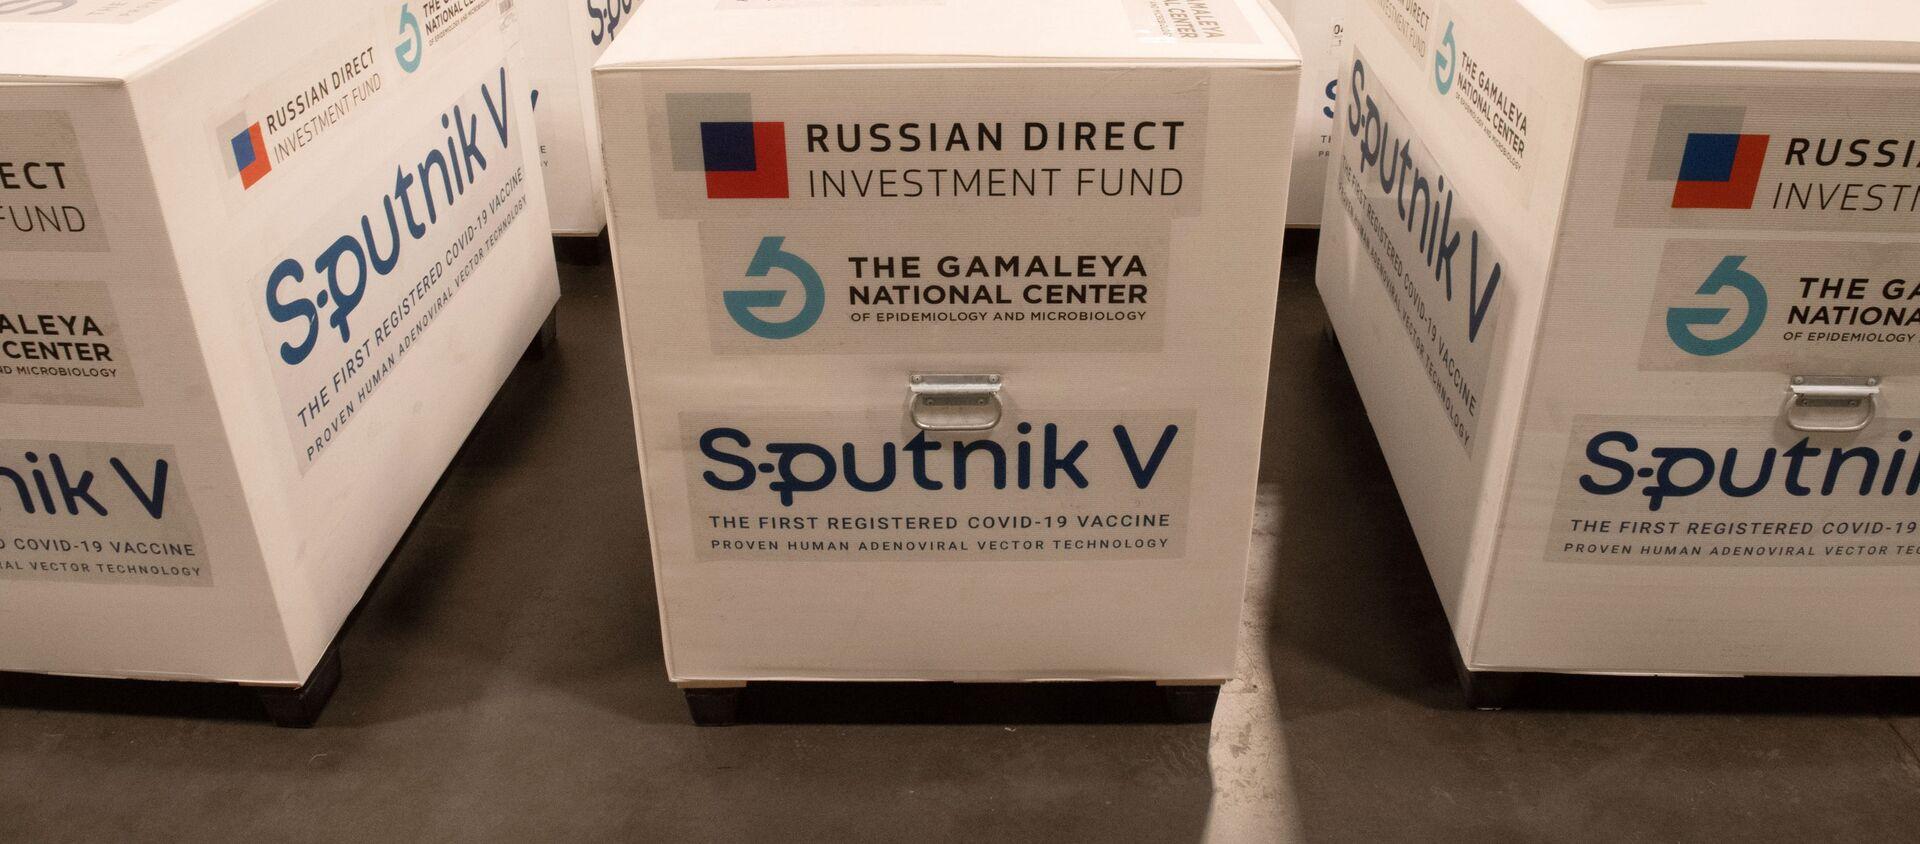 Zásilka s ruskou vakcínou Sputnik V proti koronavirové infekci covid-19 - Sputnik Česká republika, 1920, 26.02.2021